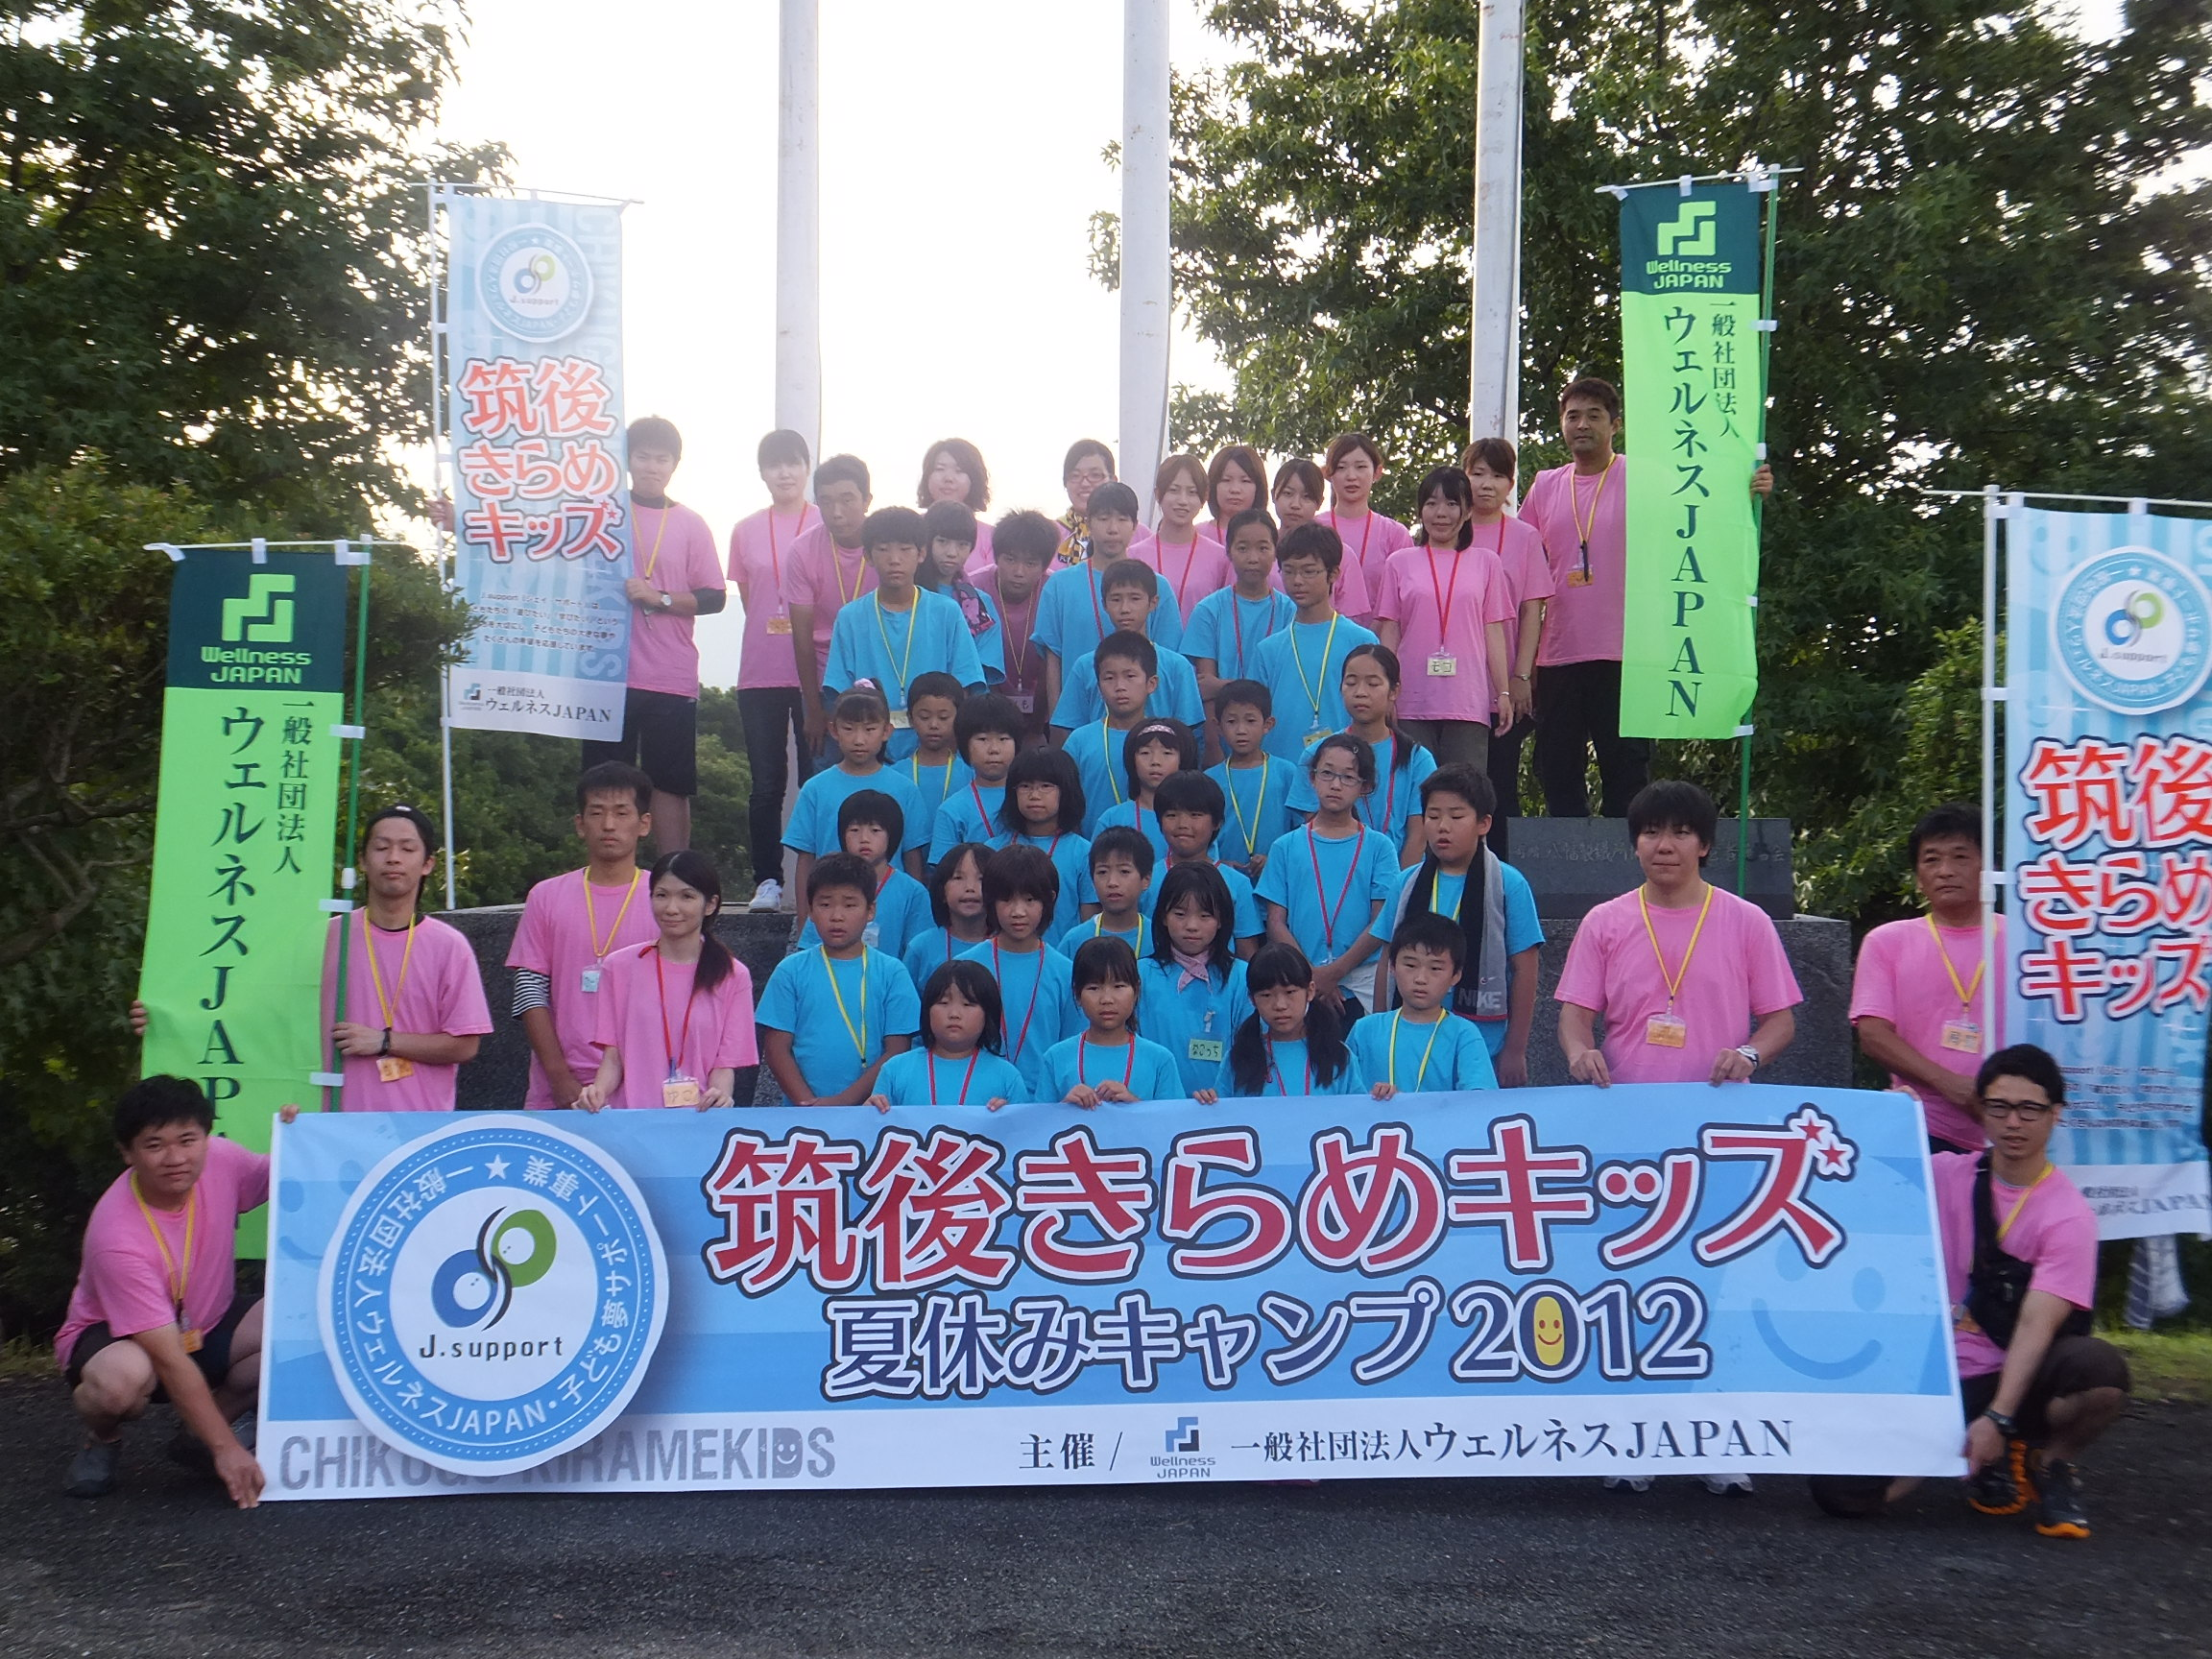 DSCF0599.JPG